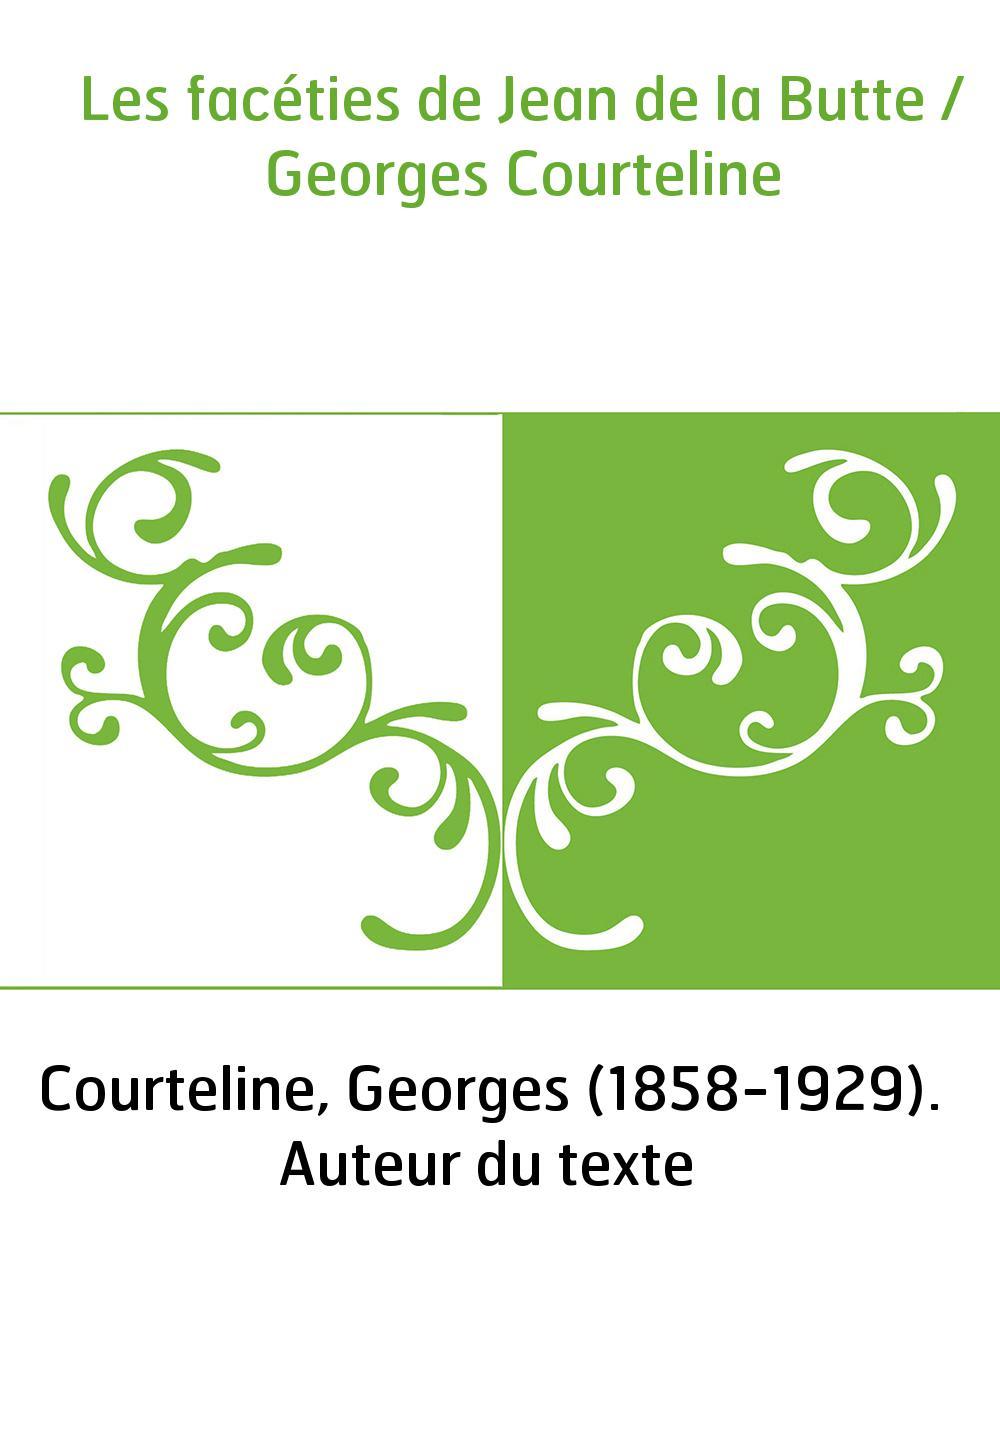 Les facéties de Jean de la Butte / Georges Courteline